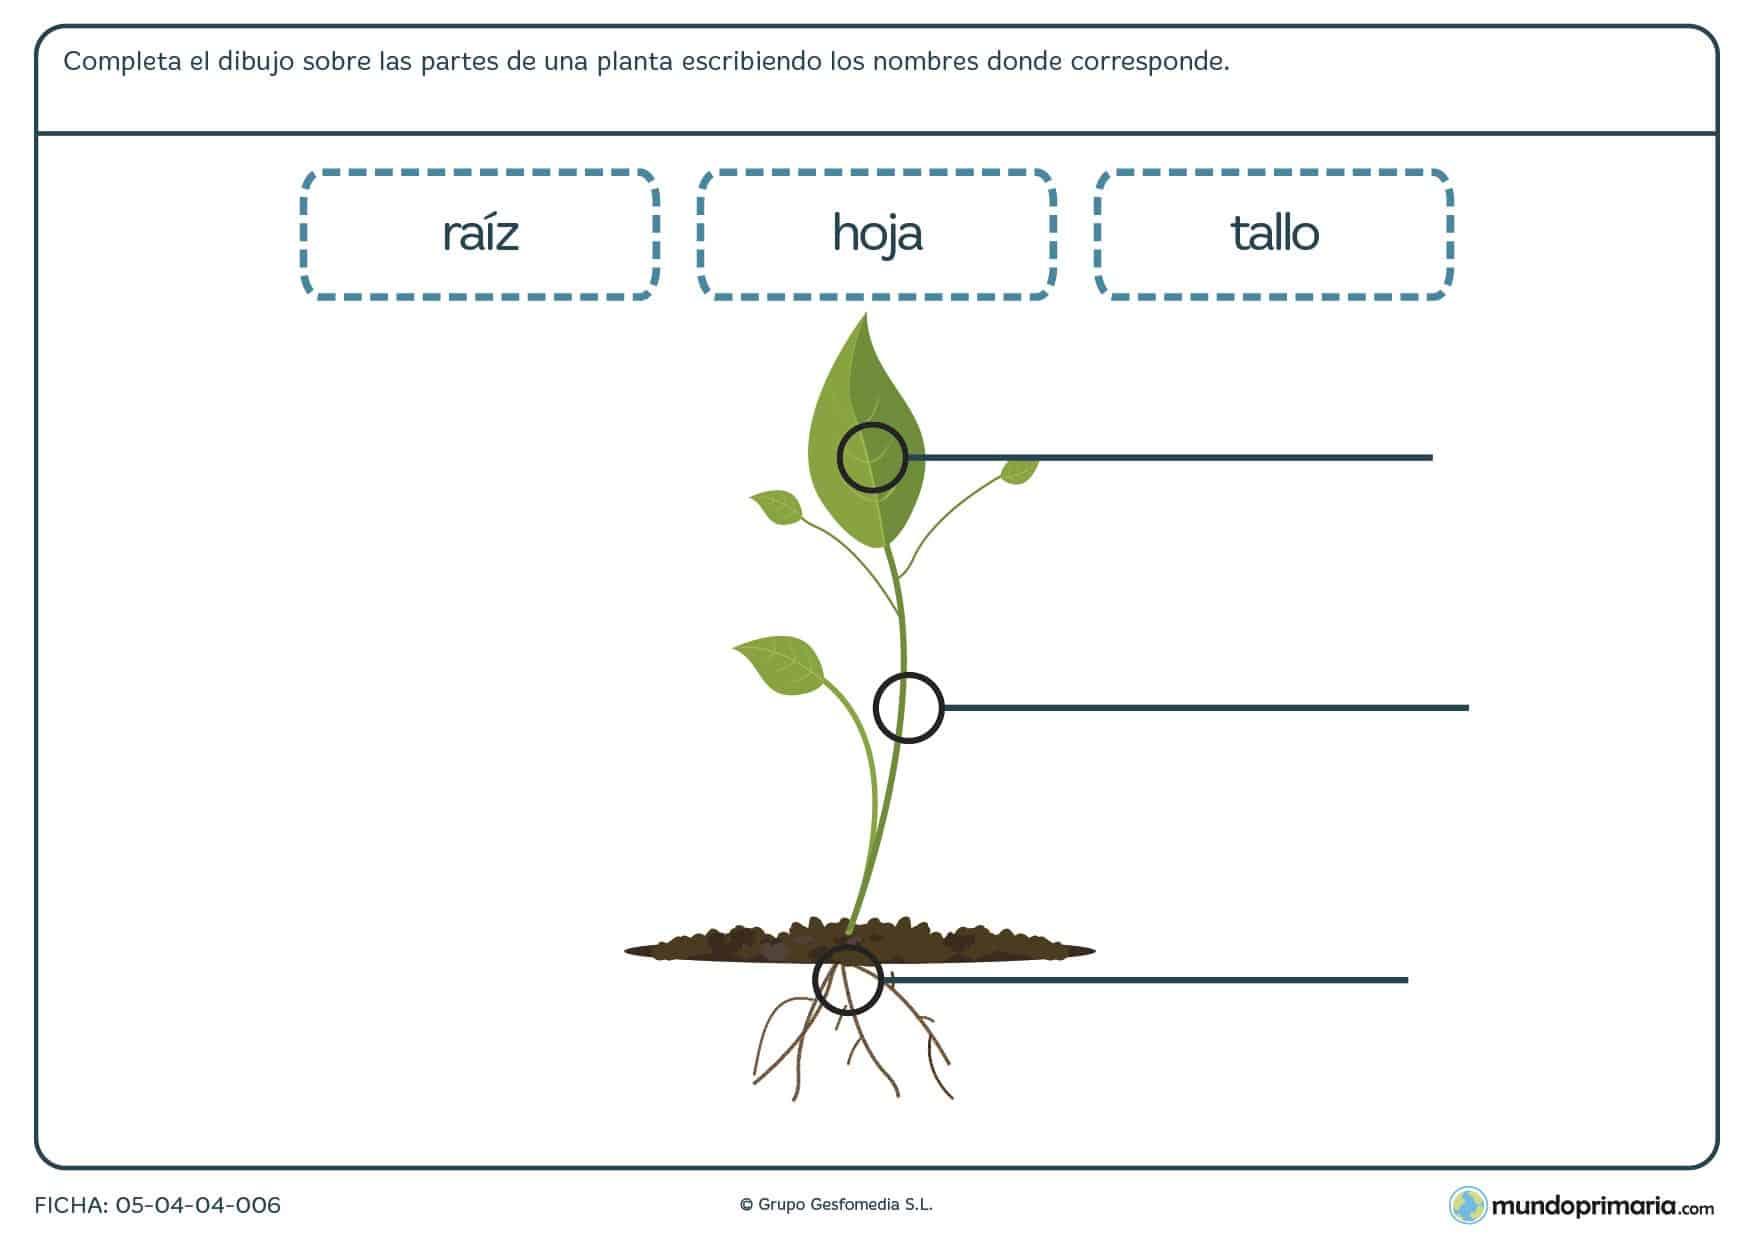 Ficha de las partes de una planta